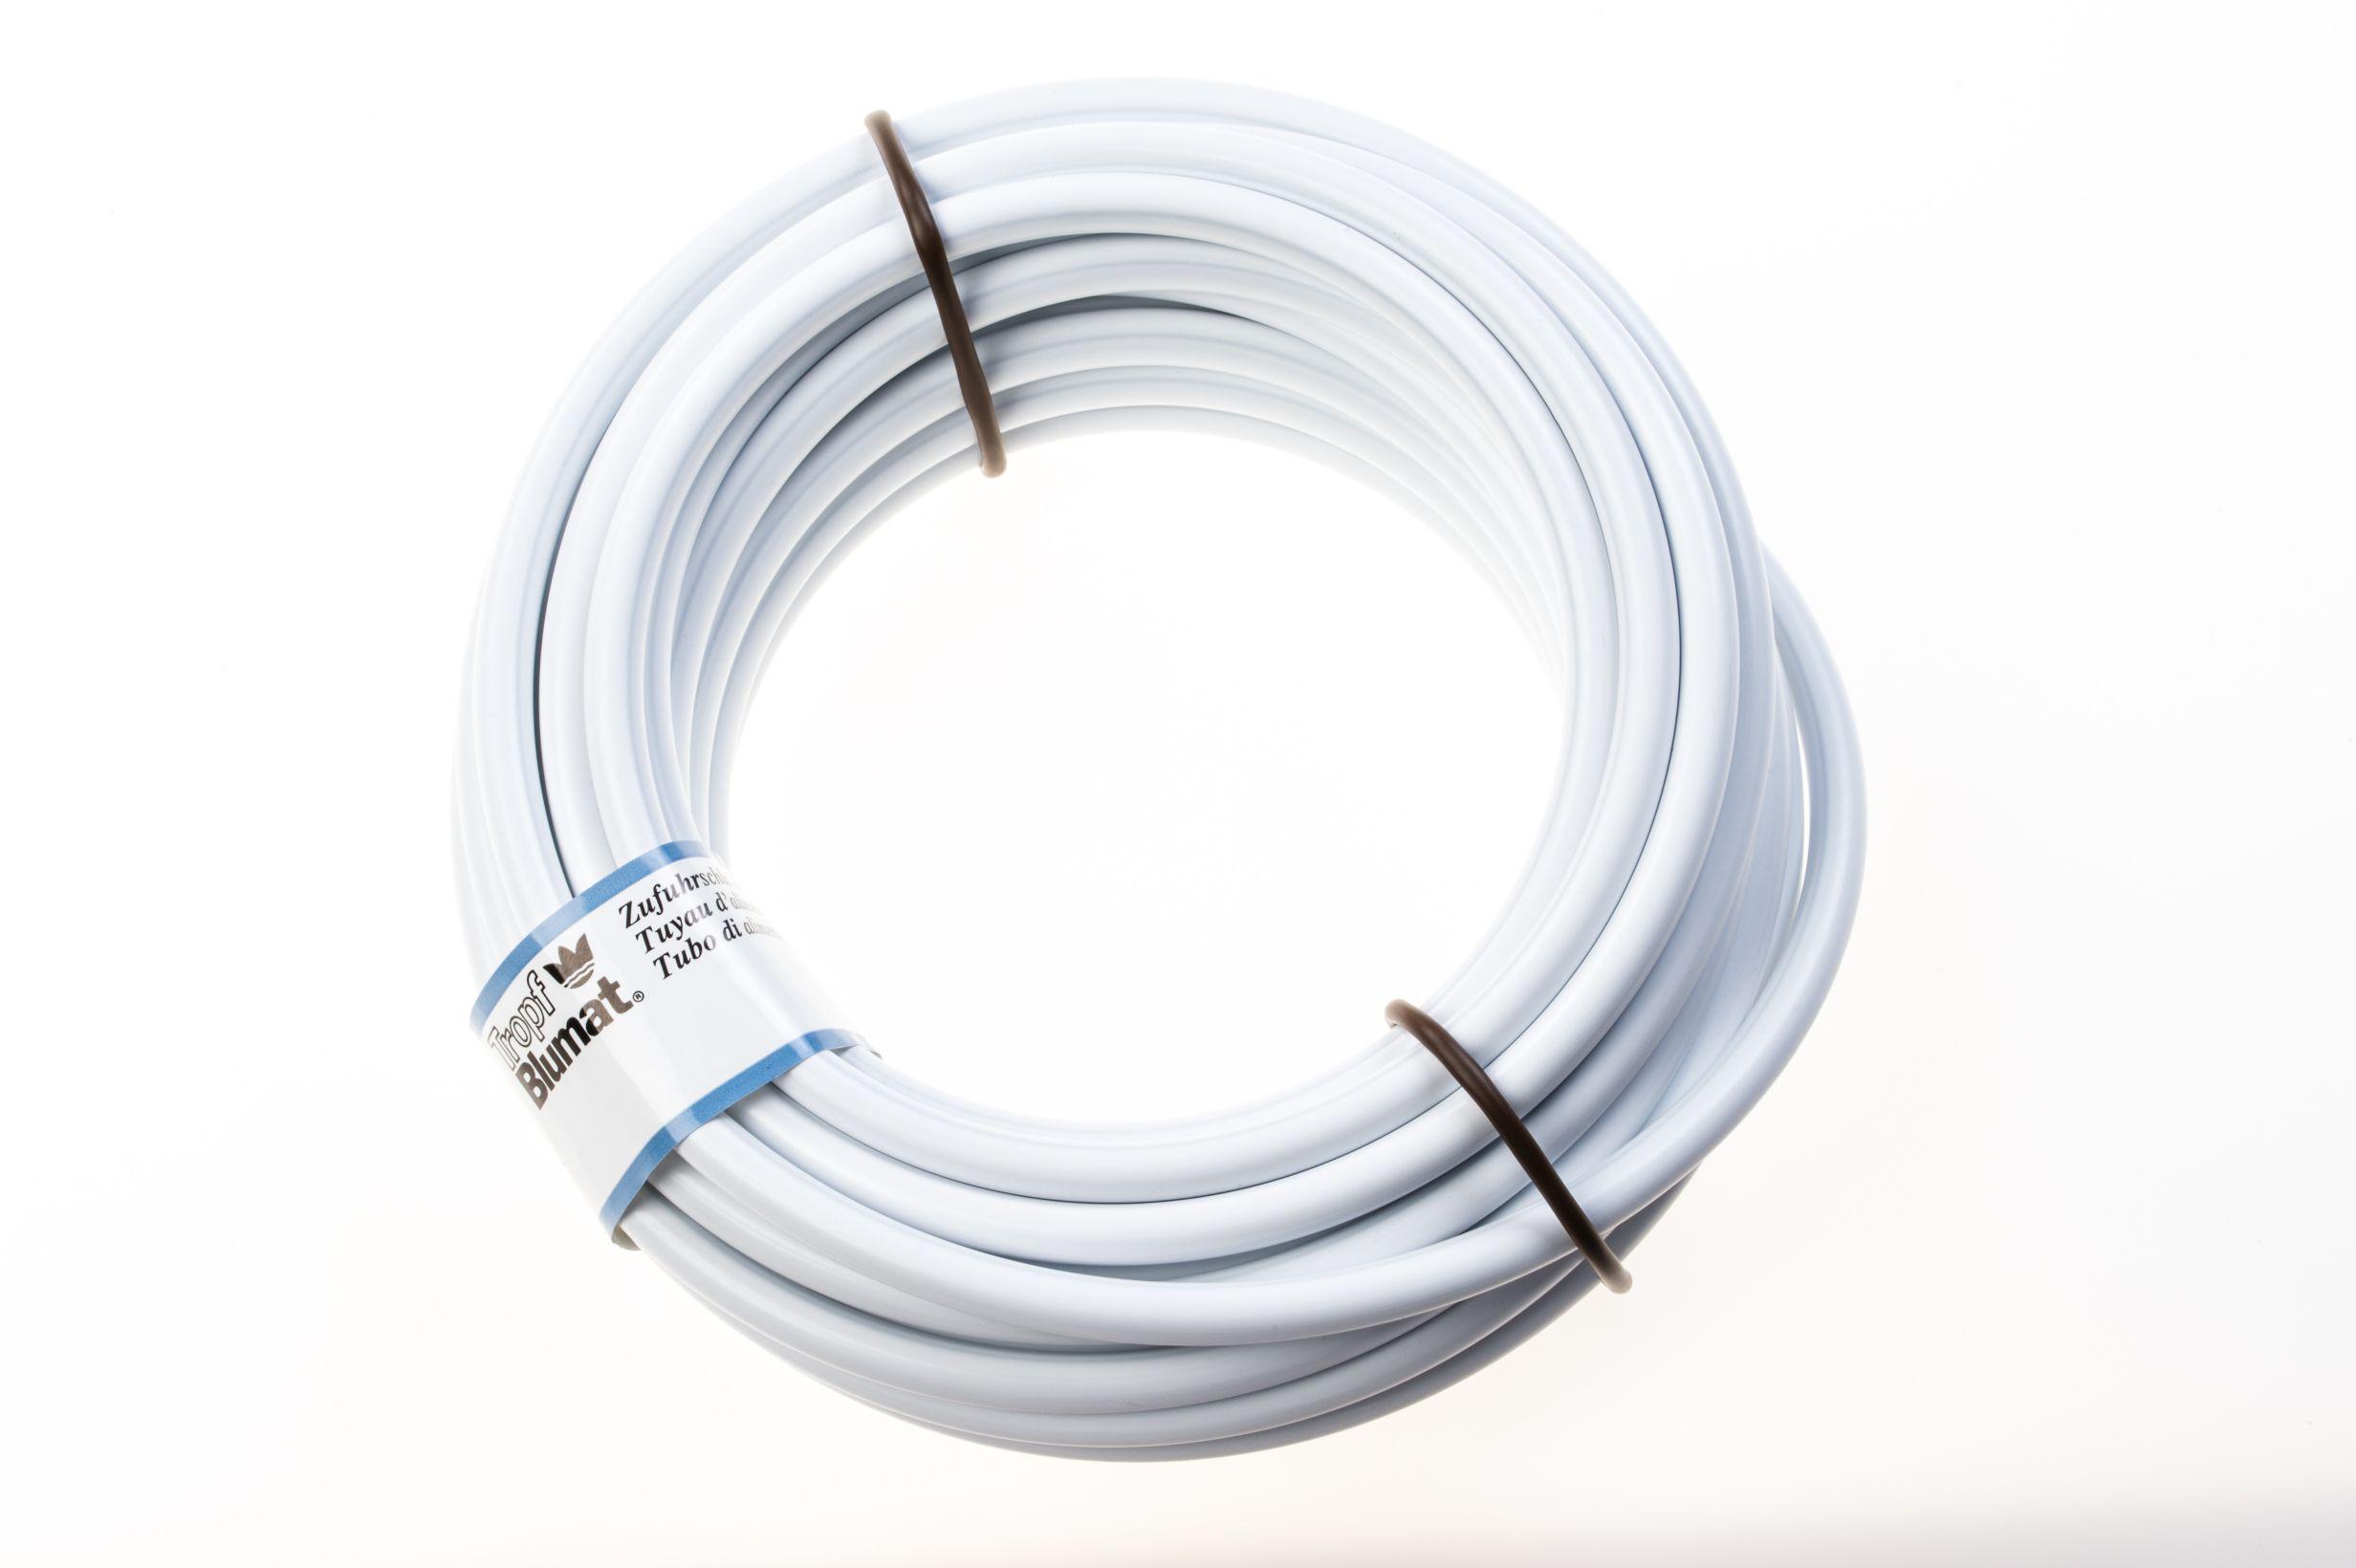 Blumat Aanvoerslang 8 mm wit 10 meter art 30504 – 4